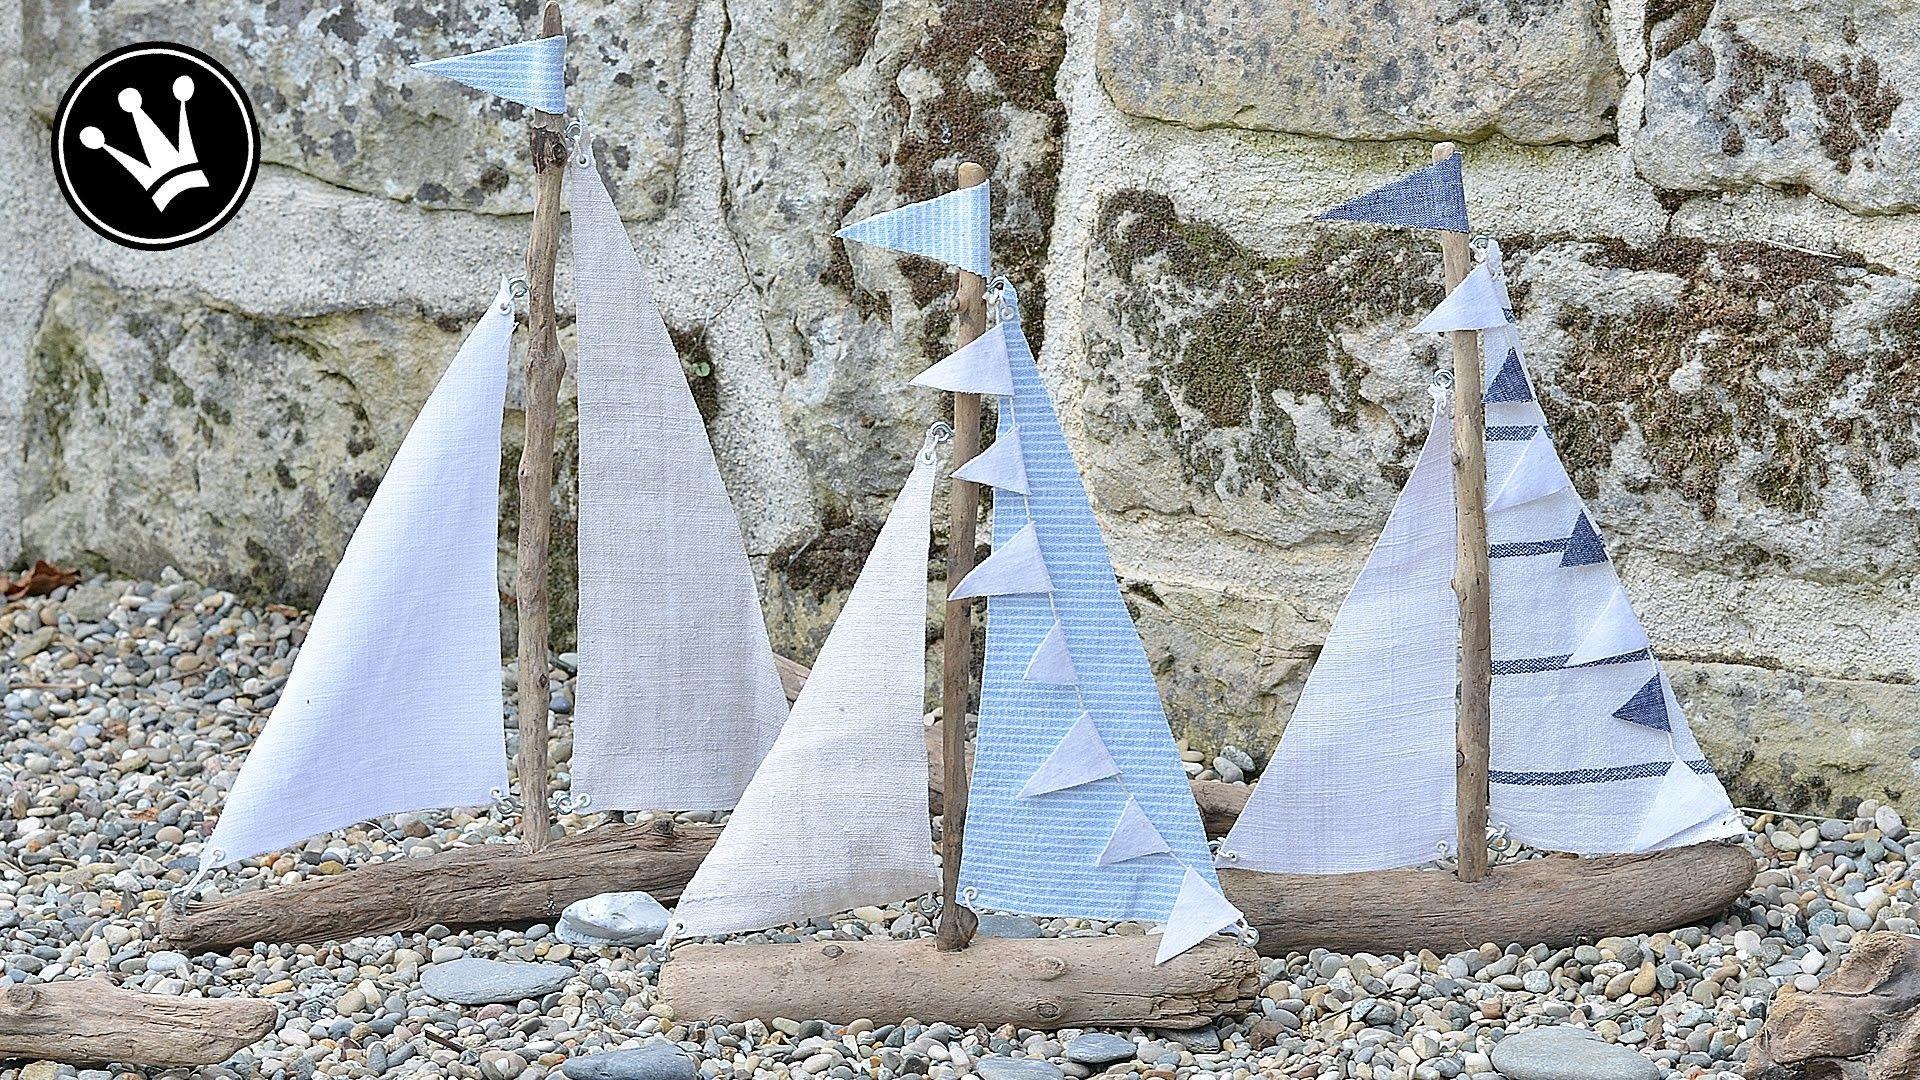 Photo of Seilbåter fra DIY drivved med nydelige detaljer. maritim dekorasjon. Sommerpynt | Hvordan